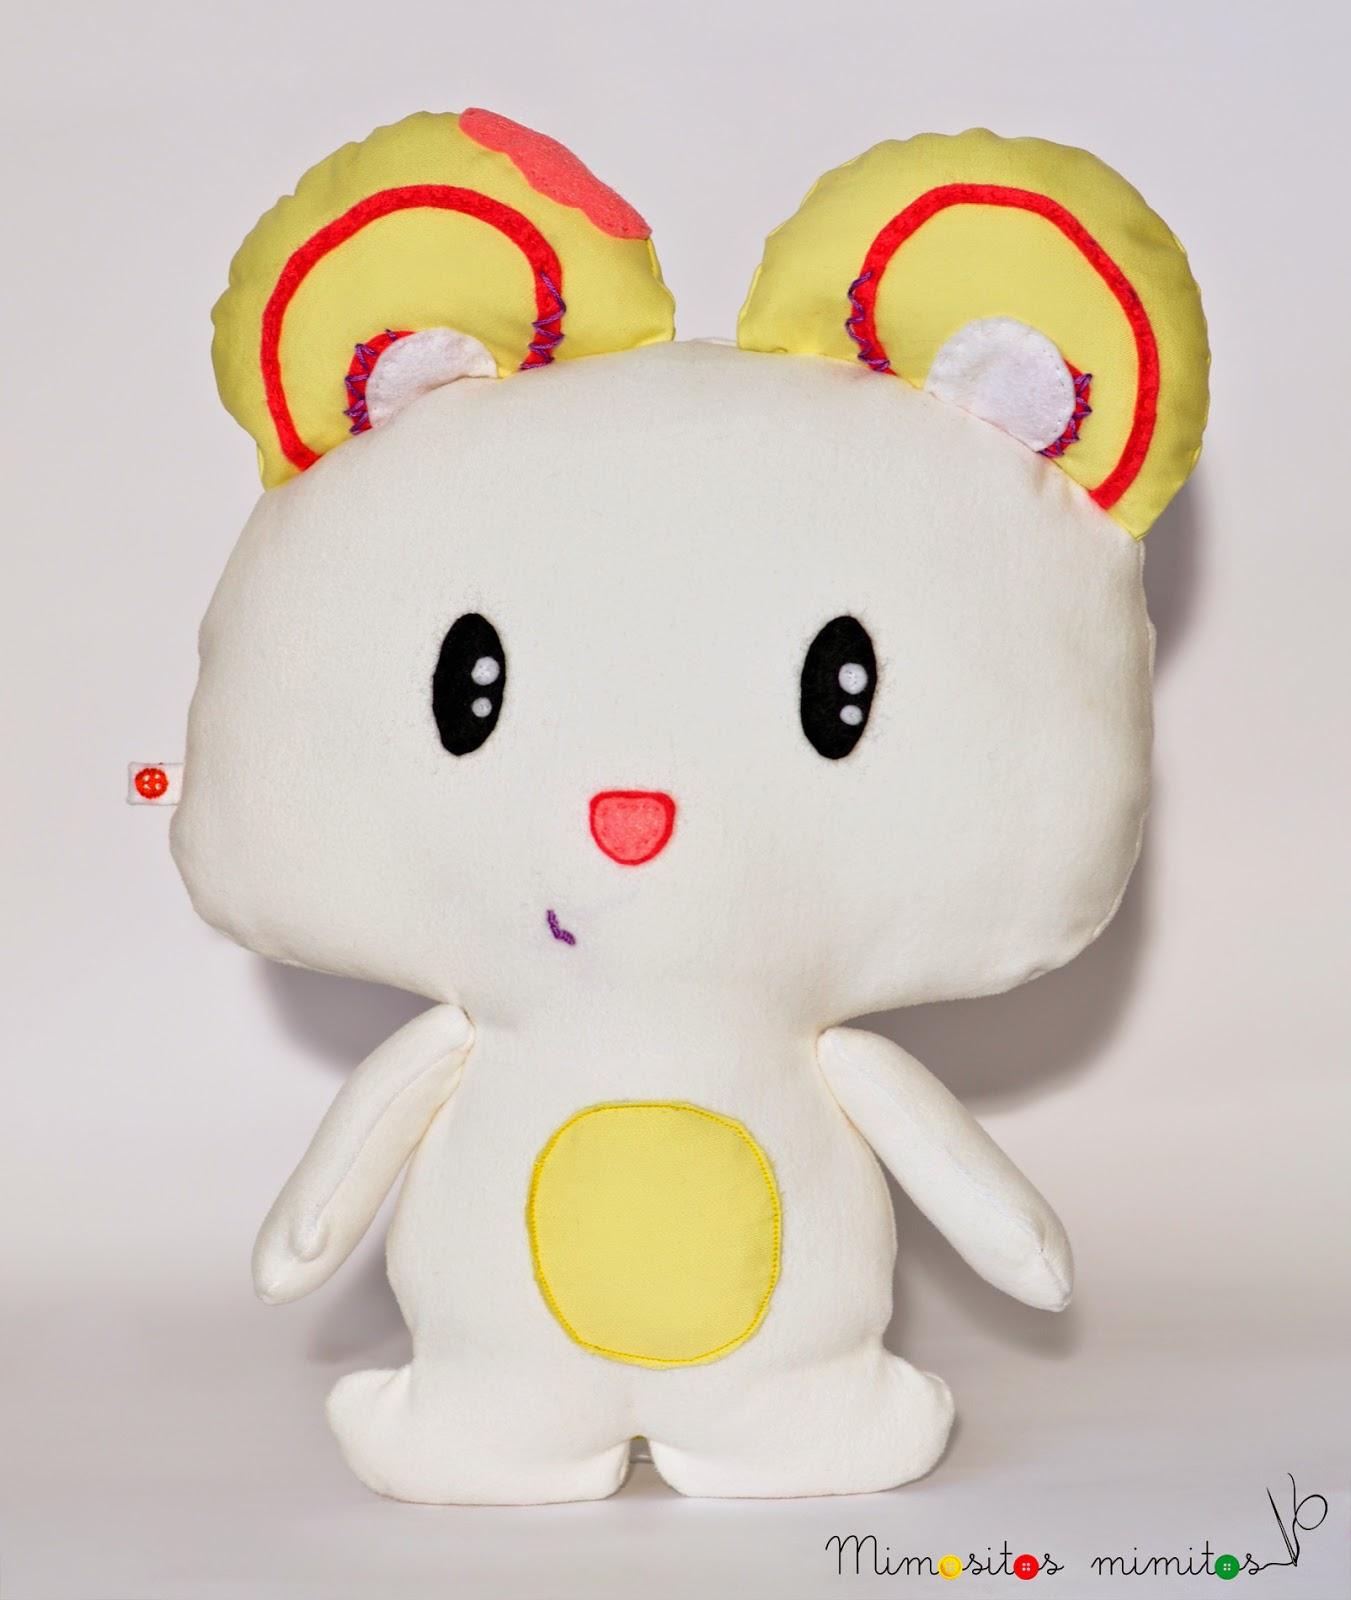 donuto muñeco personalizado tela hecho a mano handmade stuffed toy customized